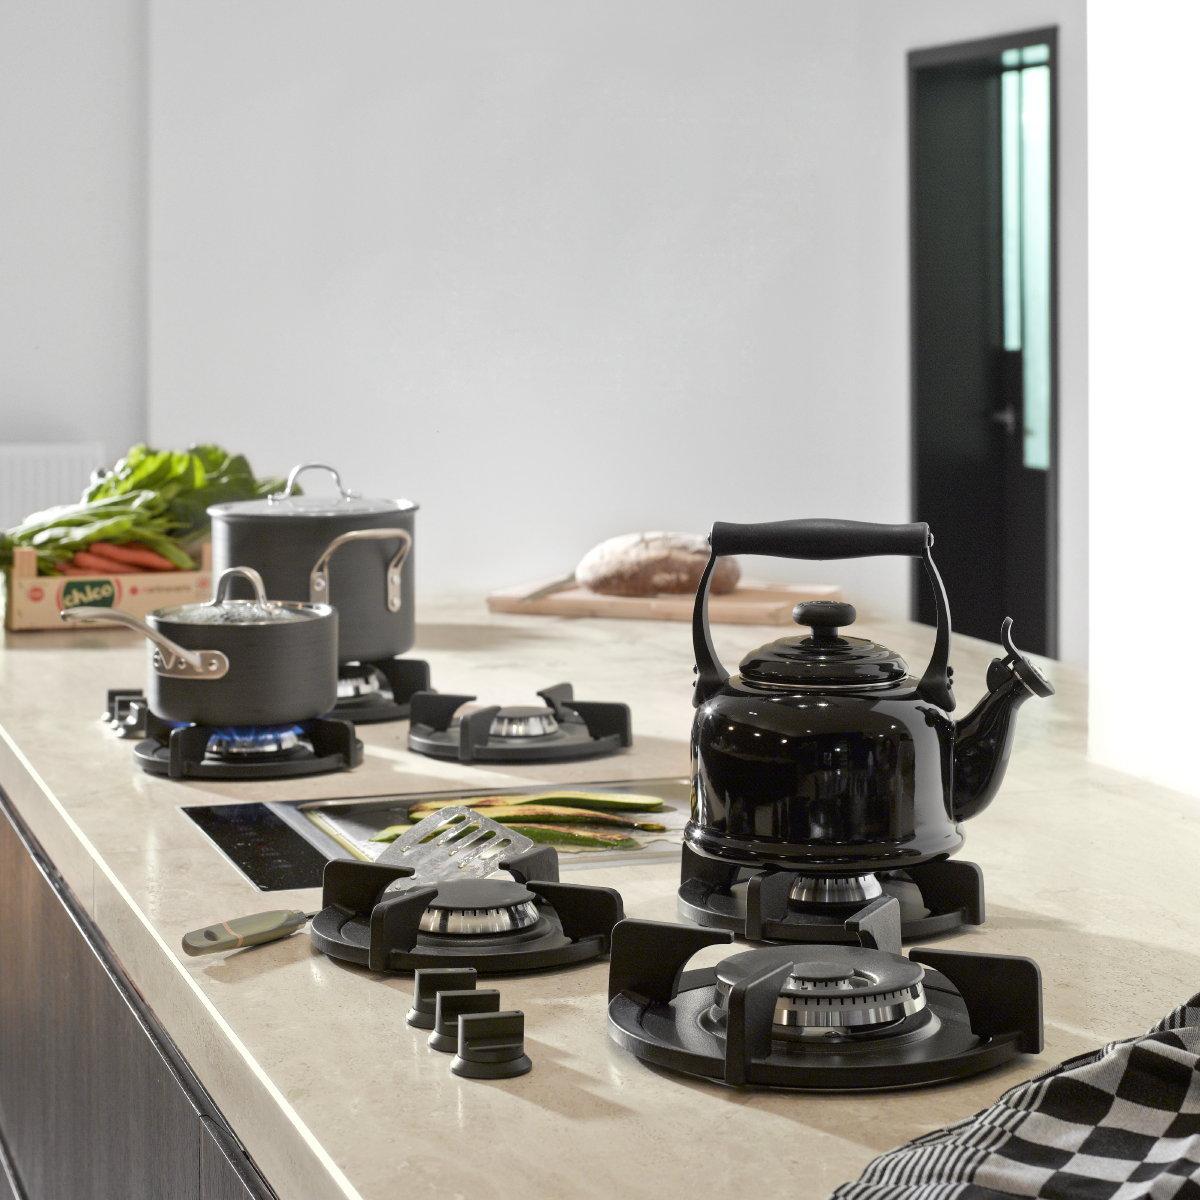 PITT cooking Cima & Capital model gaspitten met teppanyaki plaat in het midden